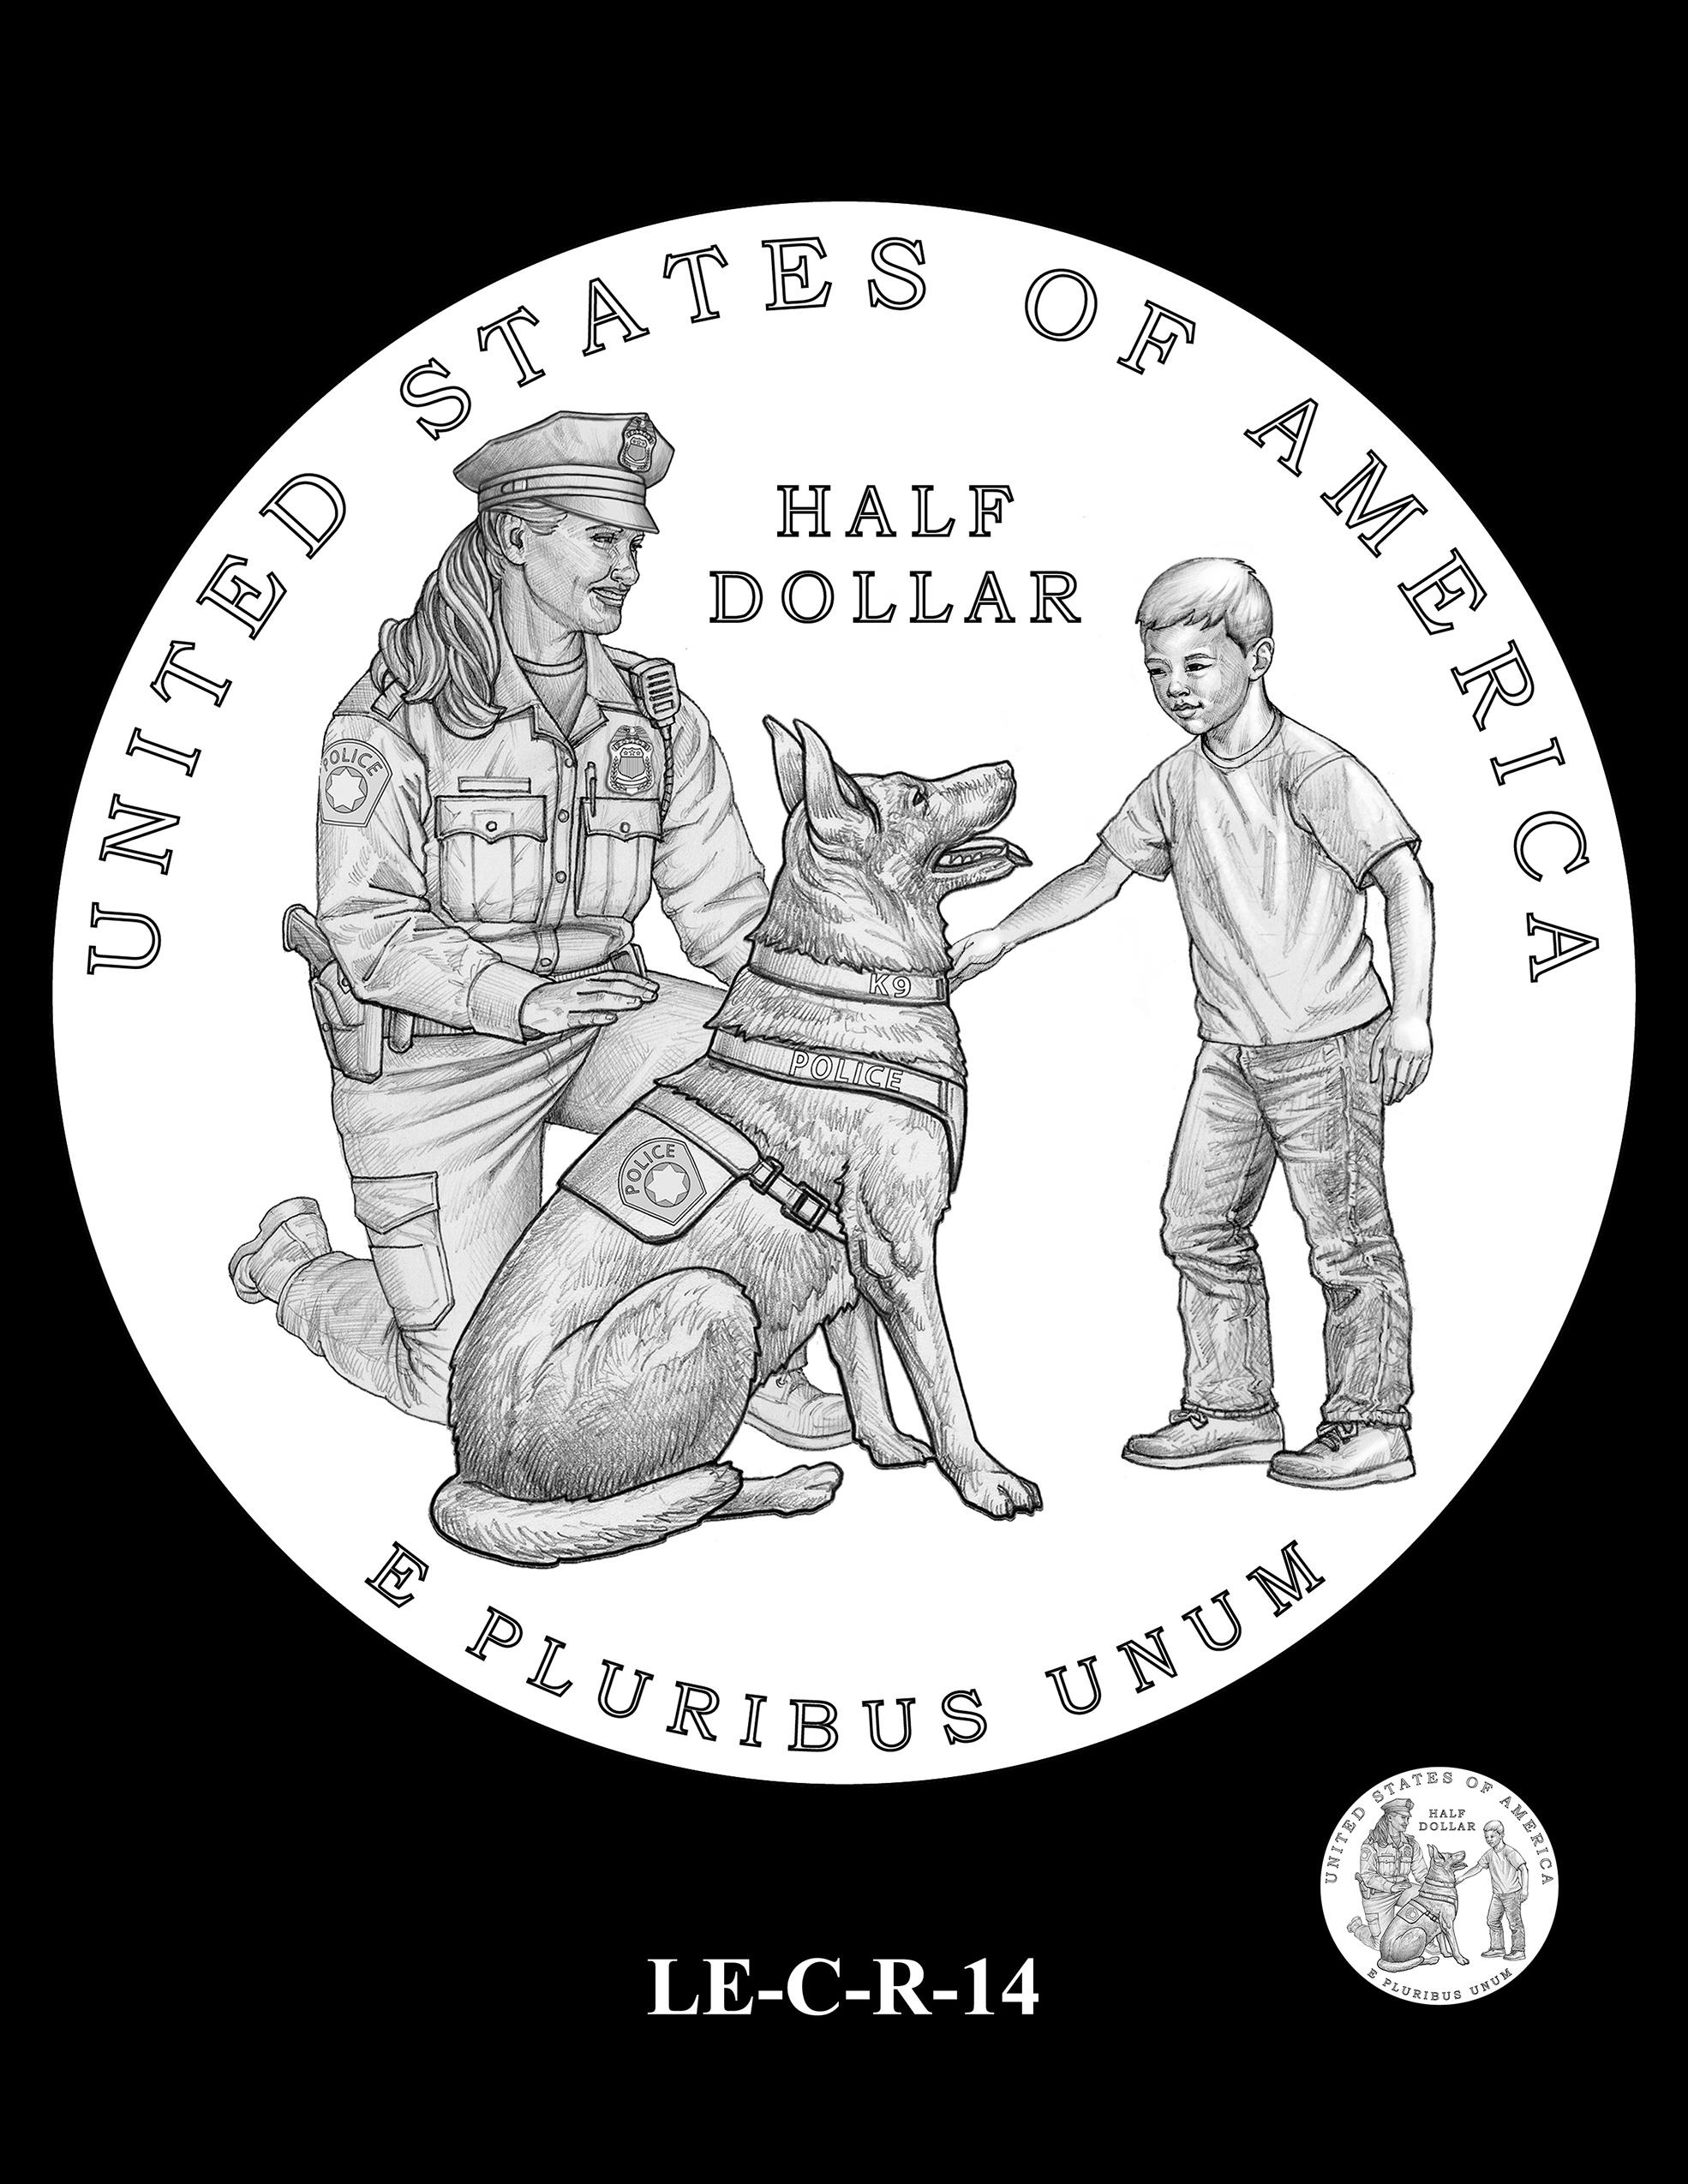 LE-C-R-14 -- National Law Enforcement Museum Commemorative Coin Program